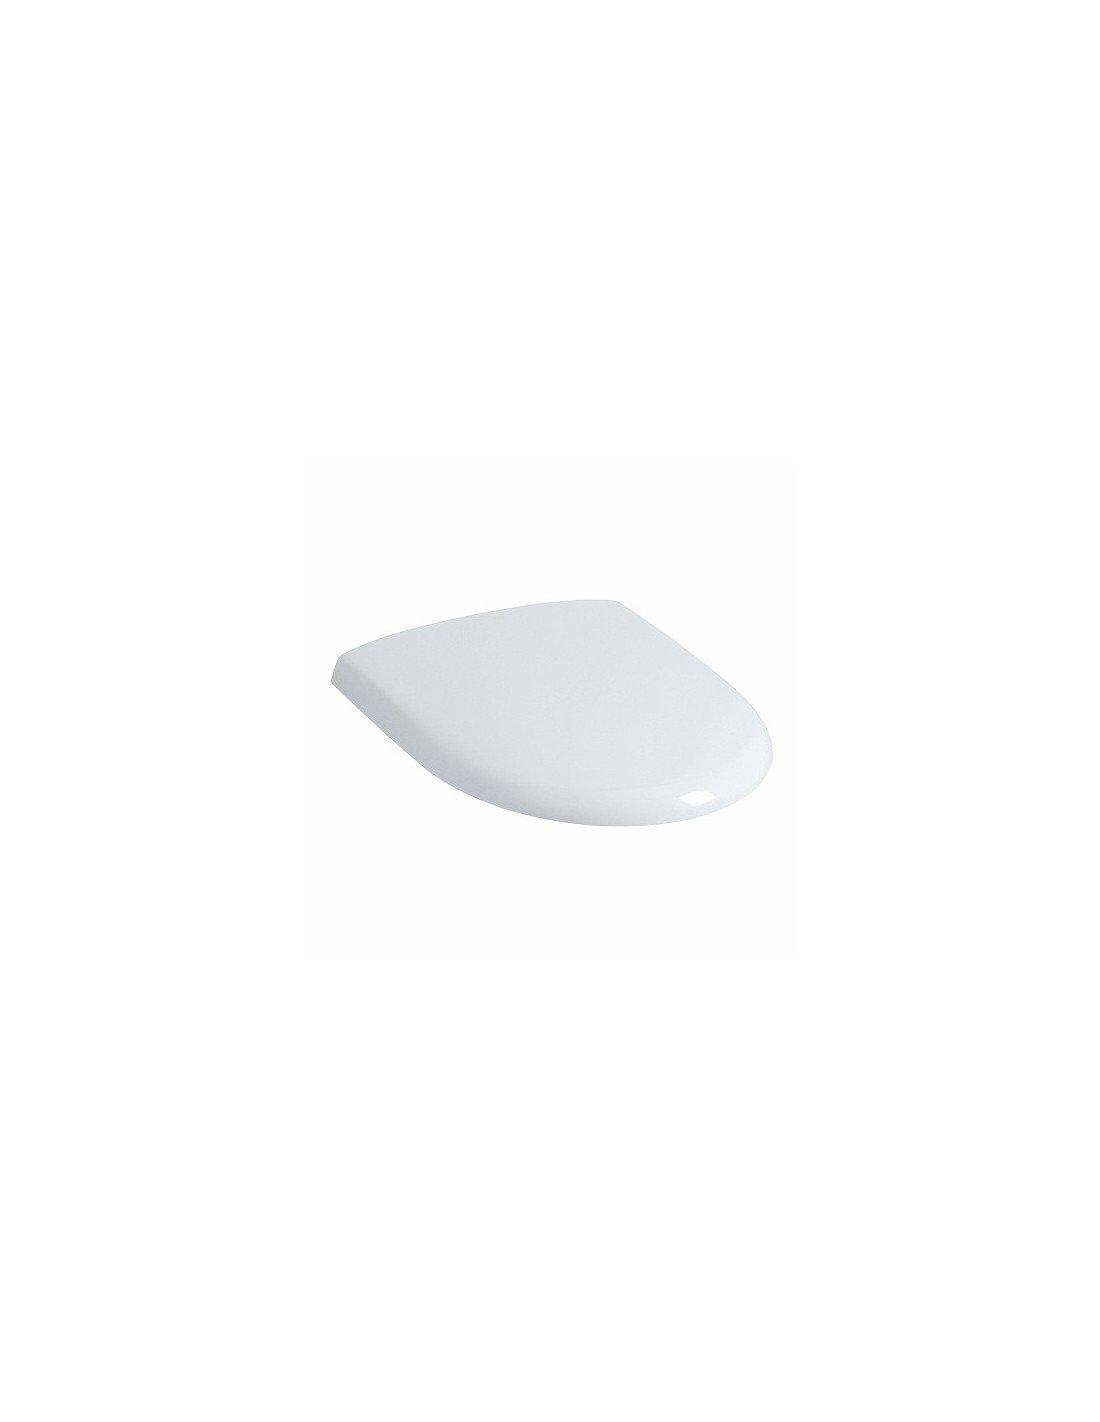 Abattant double PRIMA, pour cuvette suspendue de 54 cm, blanc Ré f 00047300000 blanc Réf 00047300000 ALLIA 2383